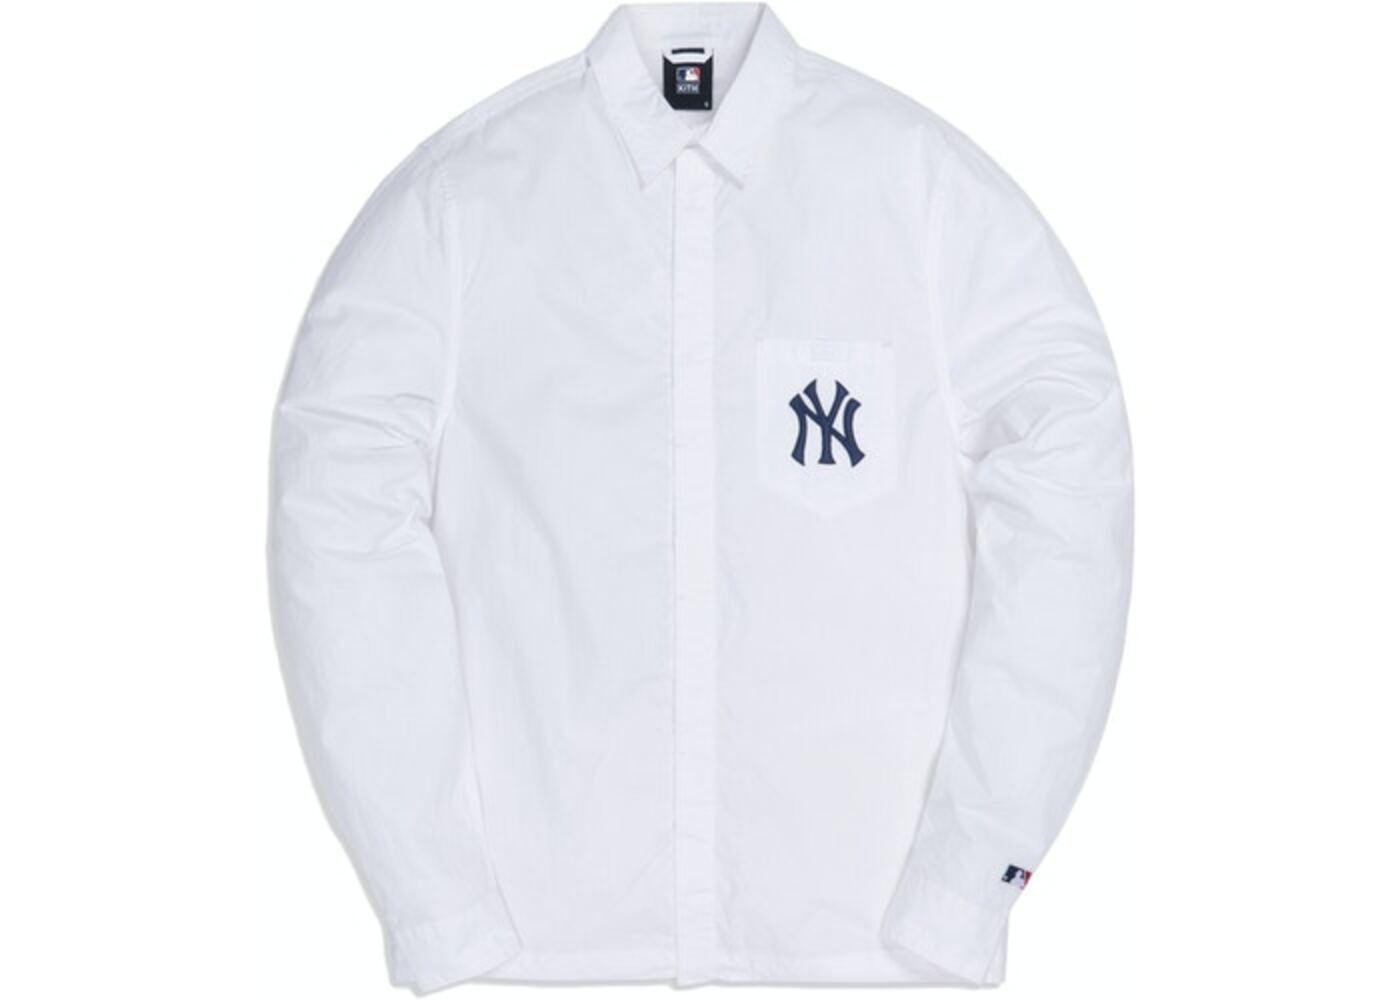 Kith For Major League Baseball New York Yankees Collared Buttondown Shirt Whiteの写真